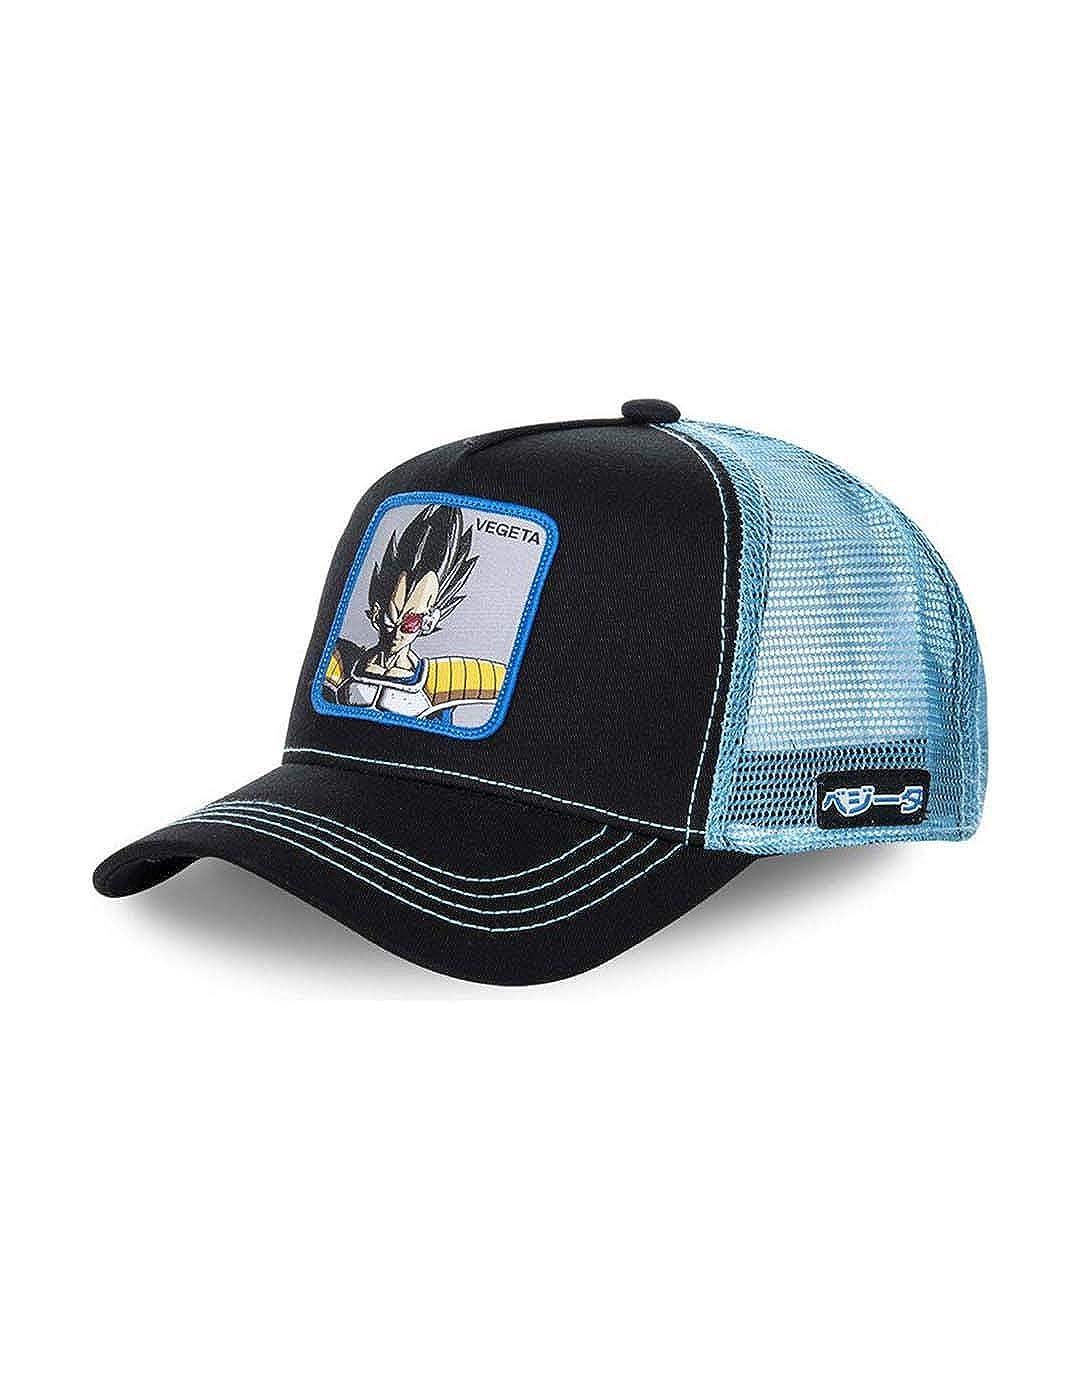 Capslab Vegeta Trucker Cap Dragon Ball Z